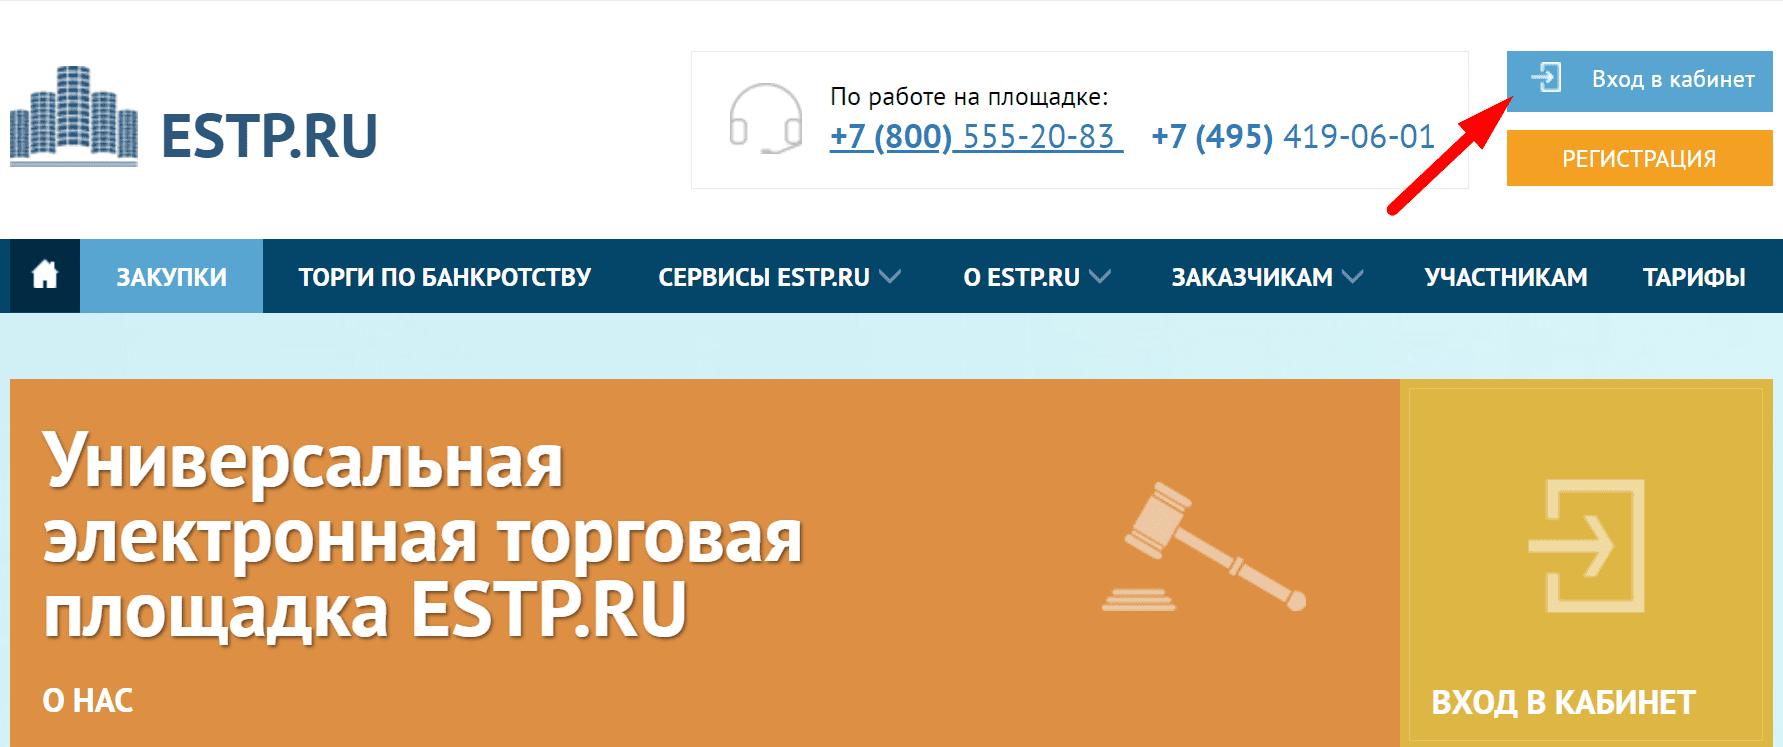 Ссылка на сайт электронной площадки «ЕСТП Ру»